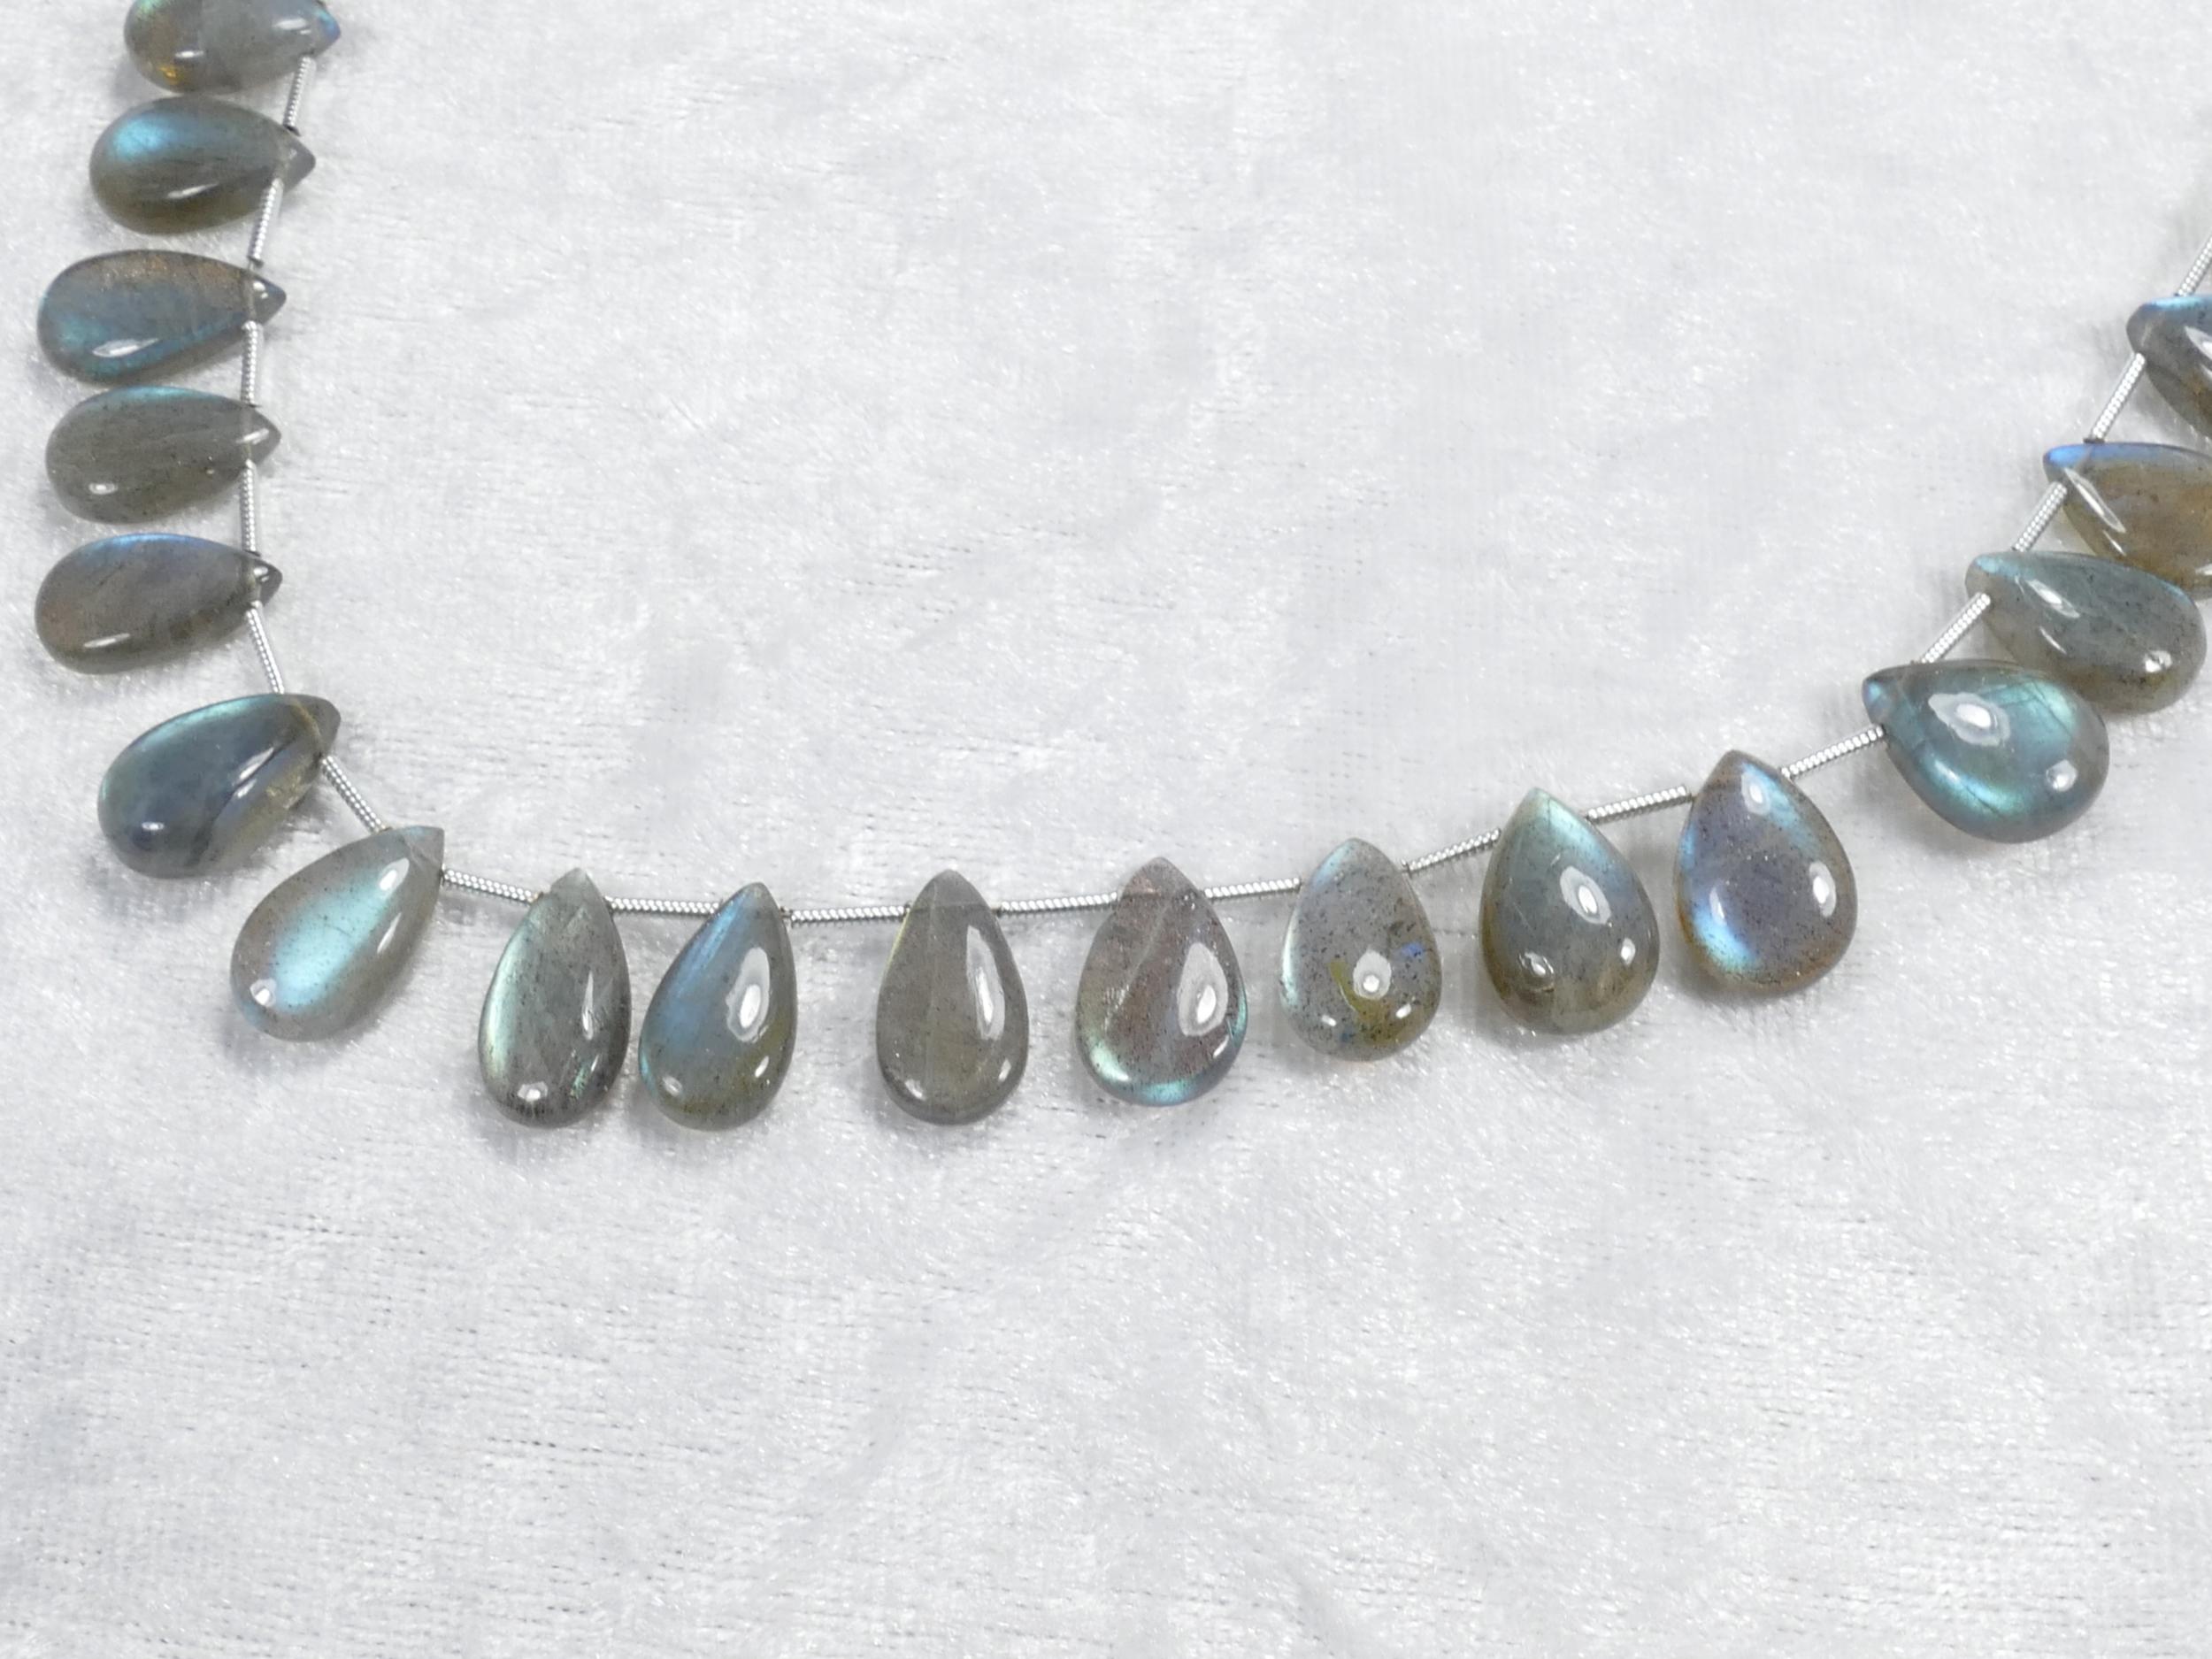 12x8/14x9mm x2 Perles de Labradorite naturelle en goutte lisse de Madagascar (#AC1076)